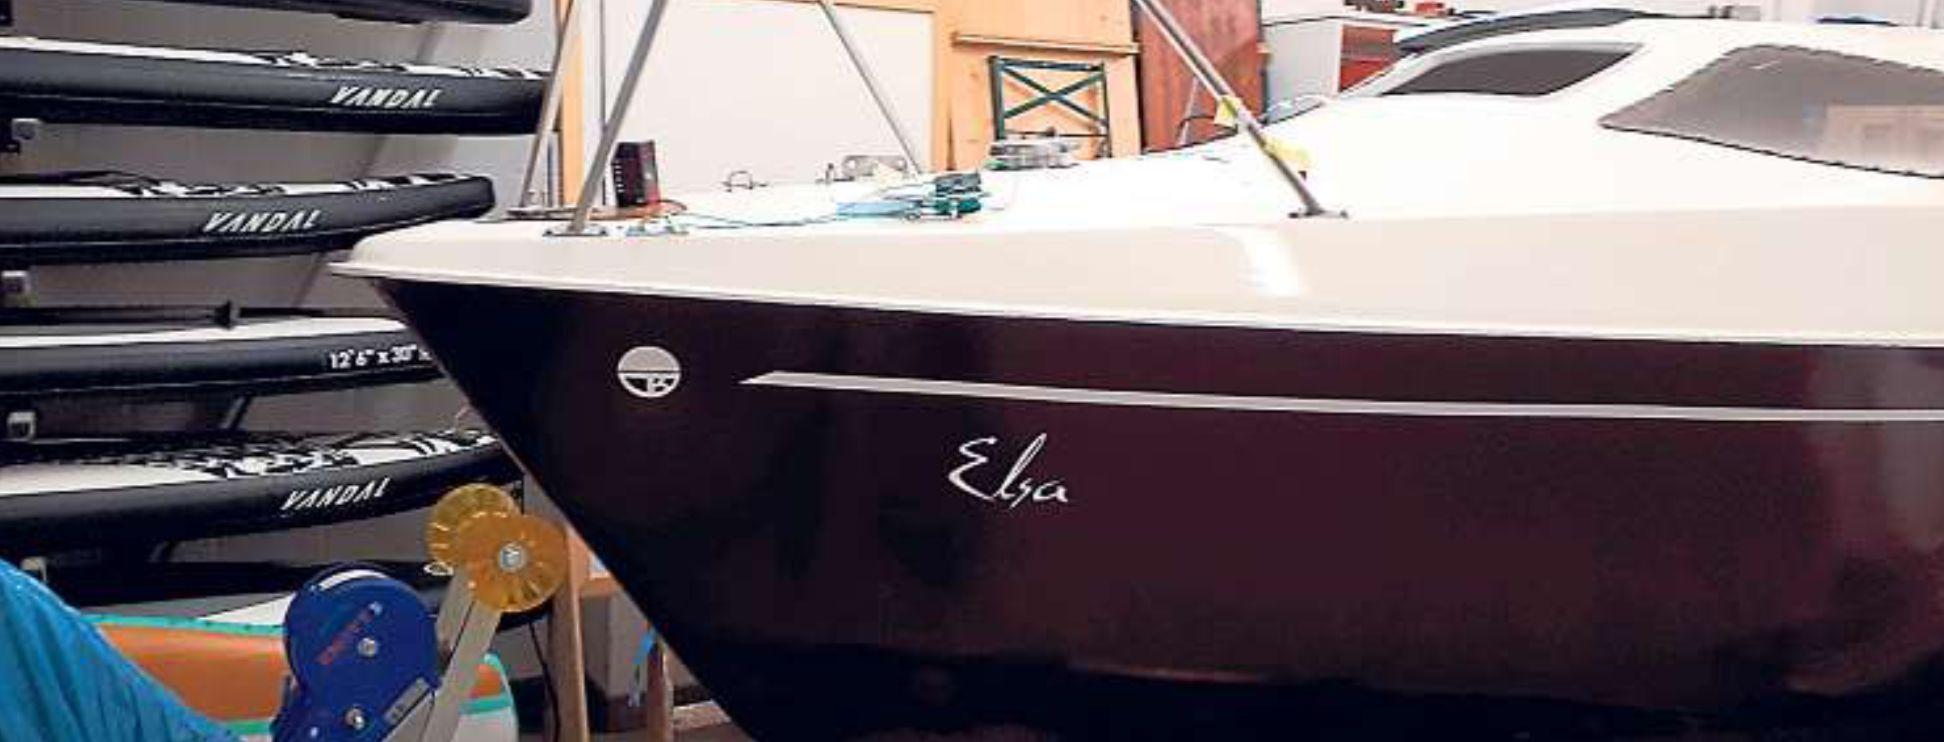 Segler restauriert sein erstes Boot einfach selbst